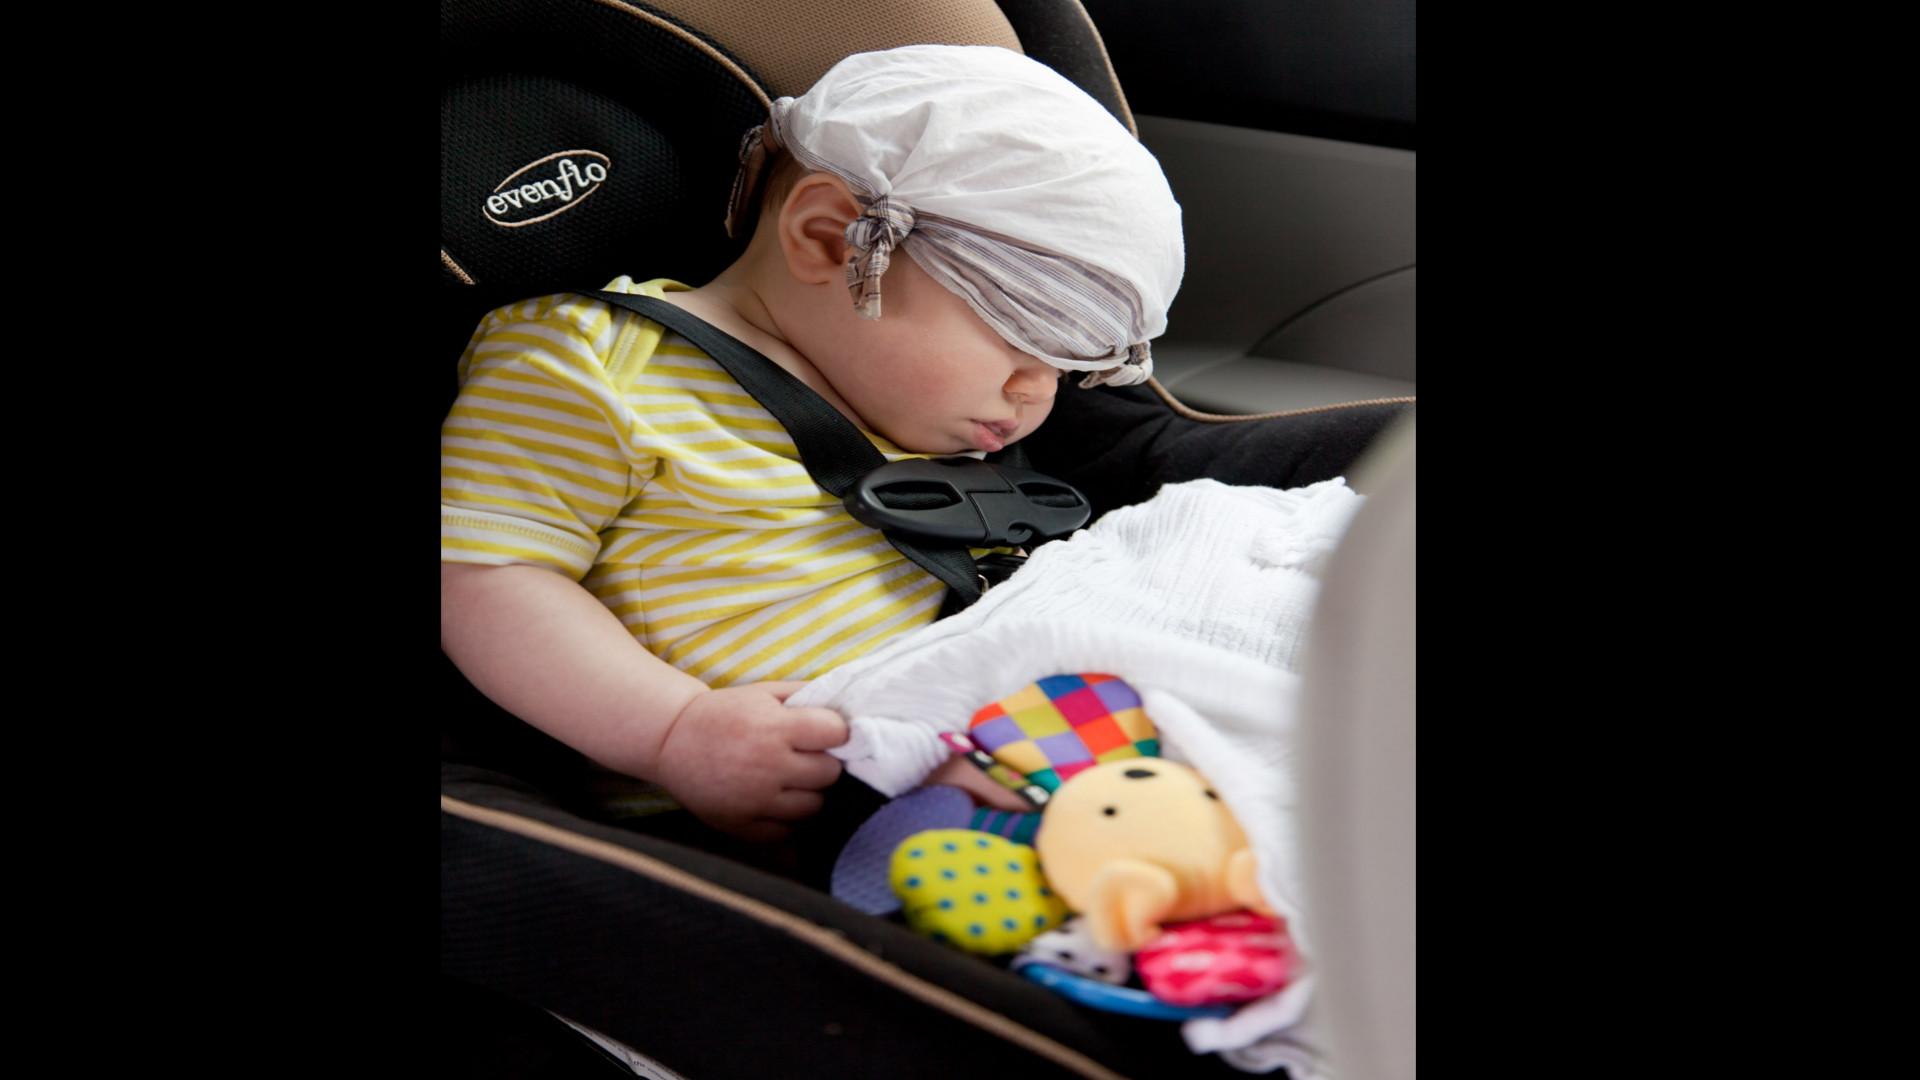 Un ninho inventa un aparato para evitar que los ninhos mueran de calor dentro del coche.1920